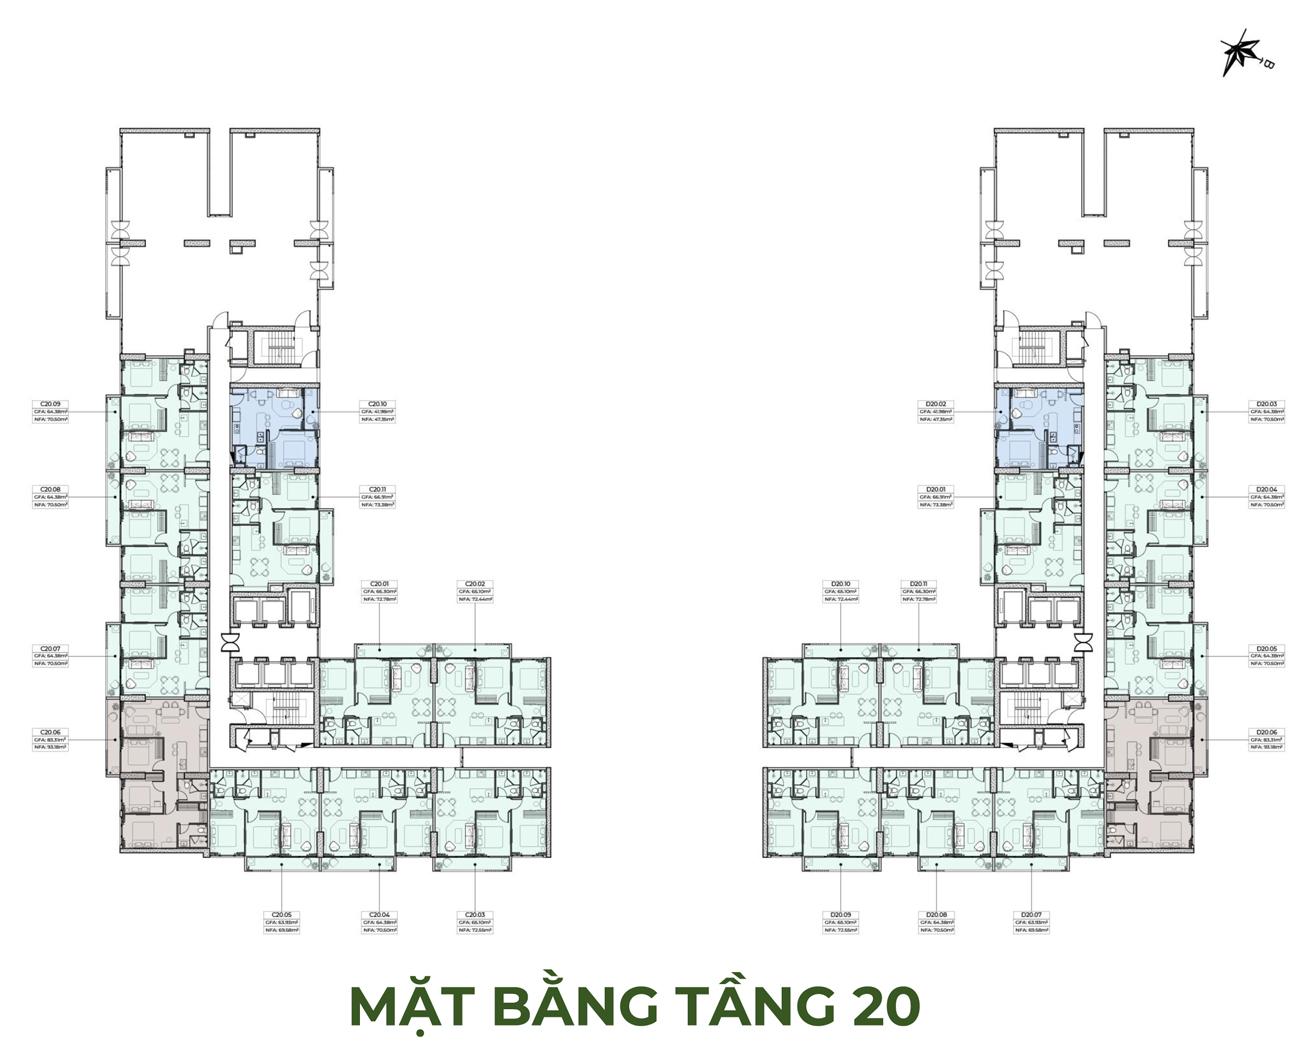 Mặt bằng 20 dự án căn hộ chung cư Anderson Park Bình Dương